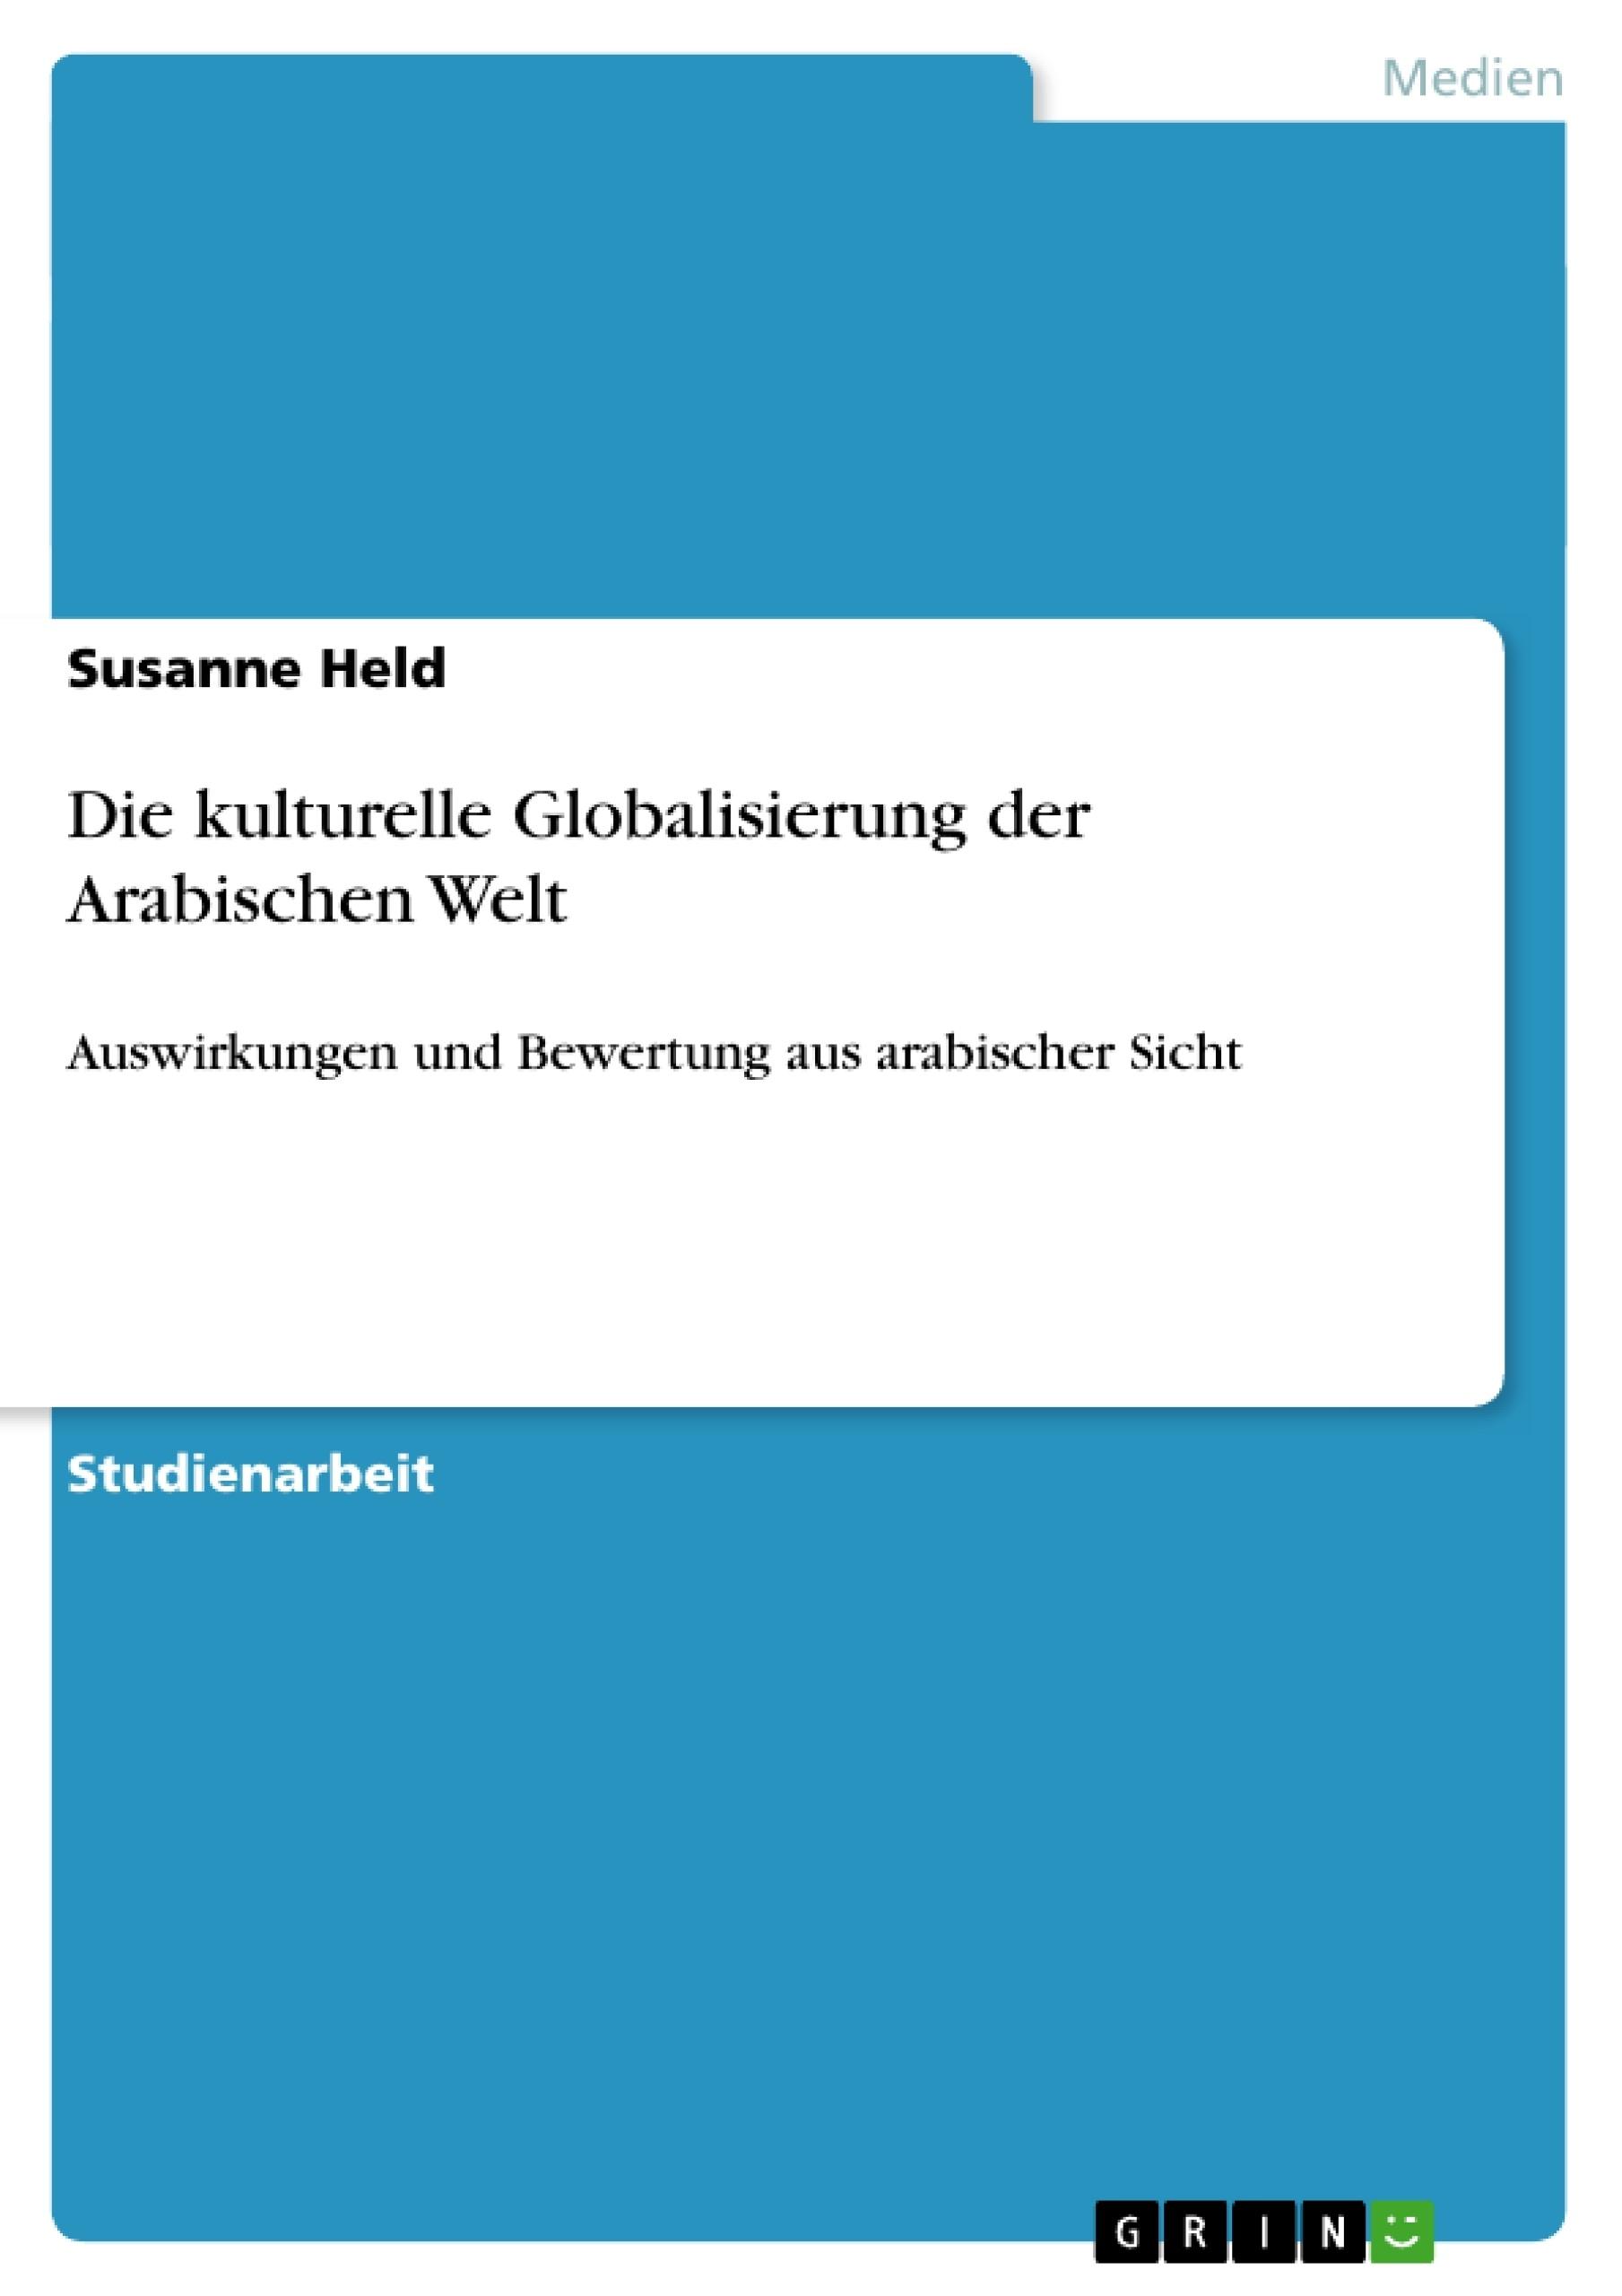 Titel: Die kulturelle Globalisierung der Arabischen Welt